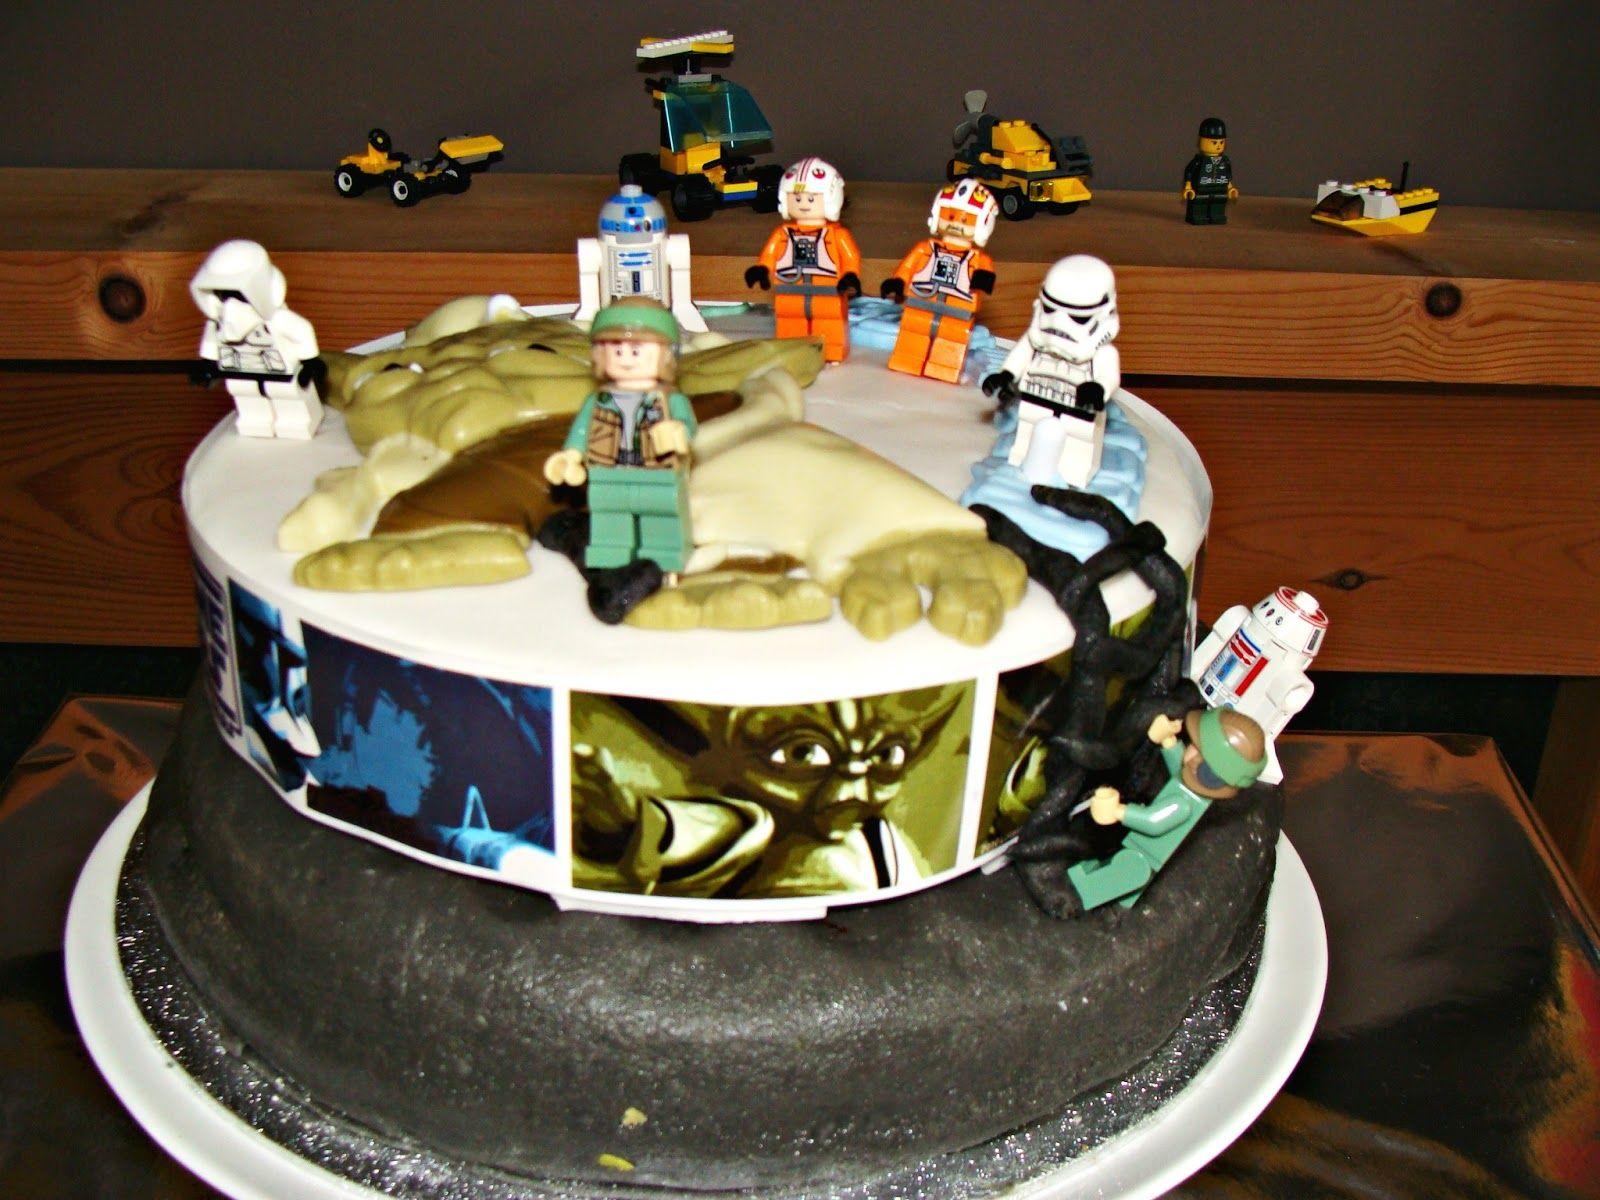 Pin by Erin Lee on Birthday ideas Lego star wars, Star